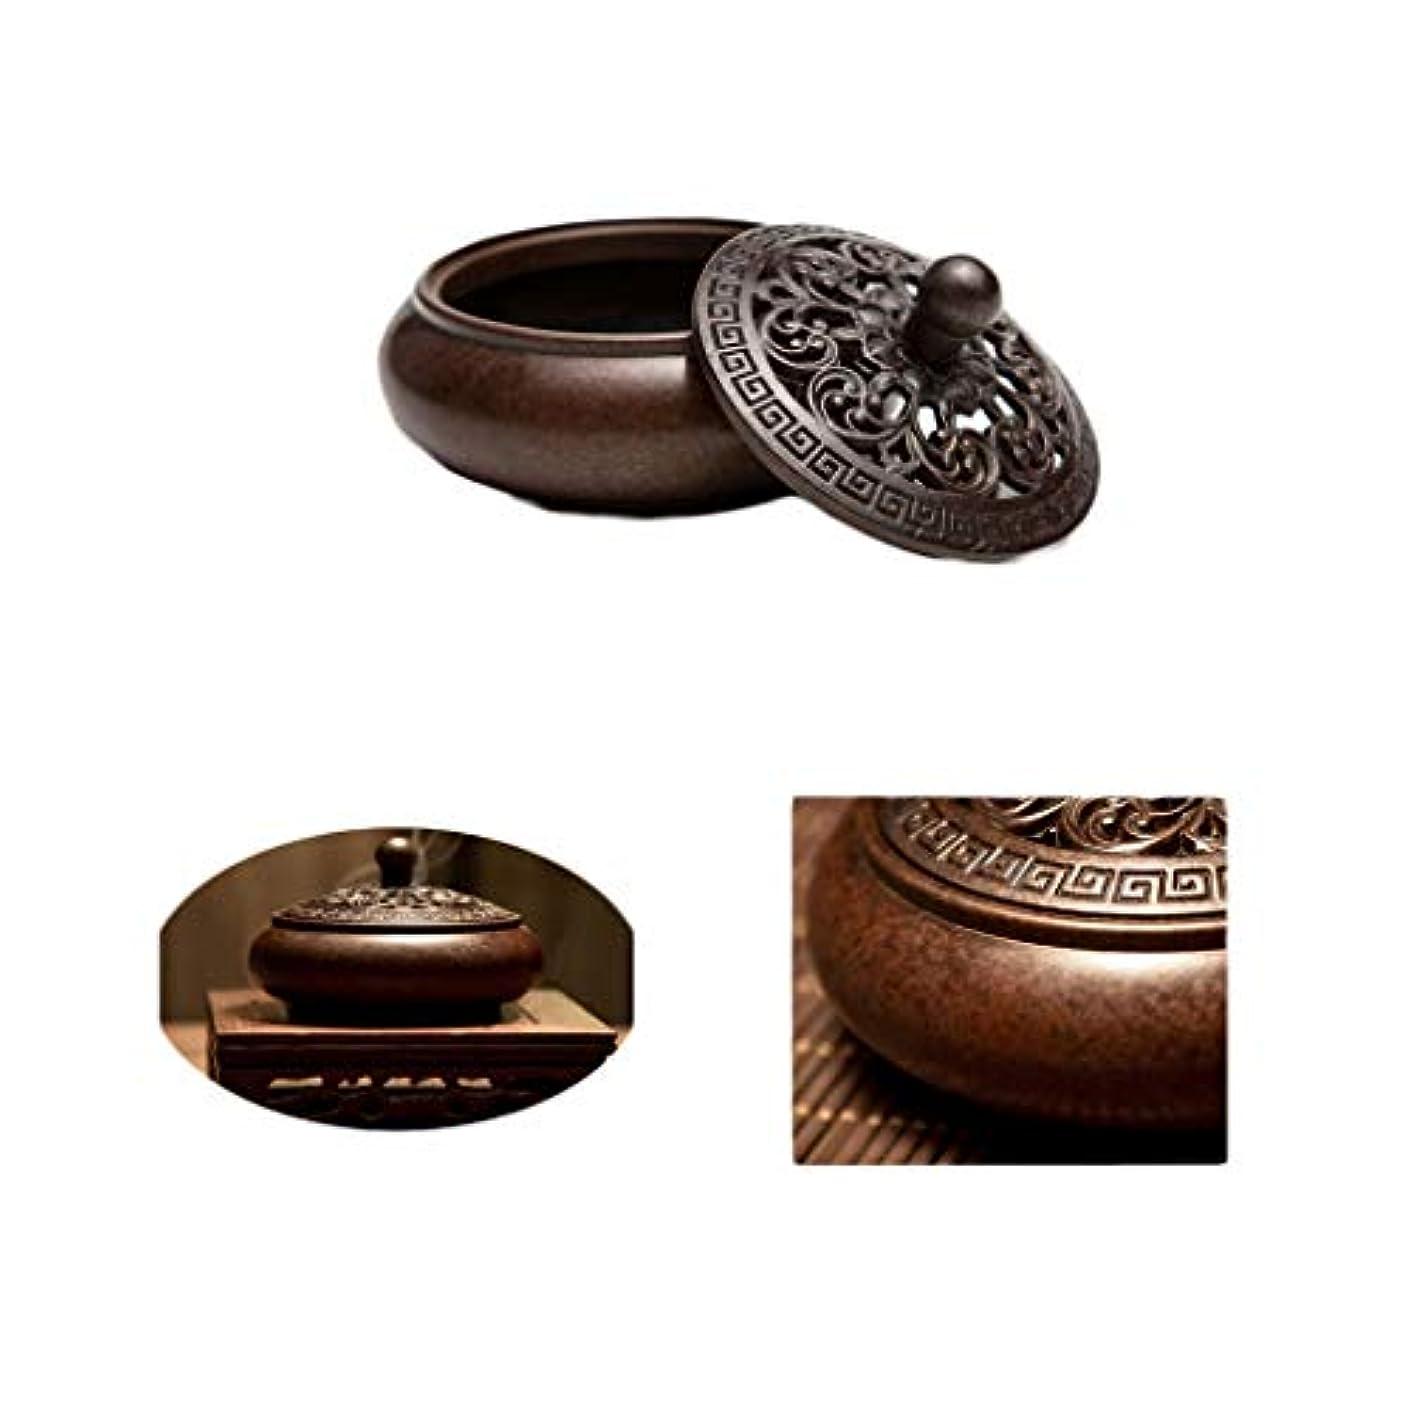 定期的チェリー週末ホームアロマバーナー 純銅香炉アンティーク香炉吉祥香炉手作り香炉 アロマバーナー (Color : Brass)